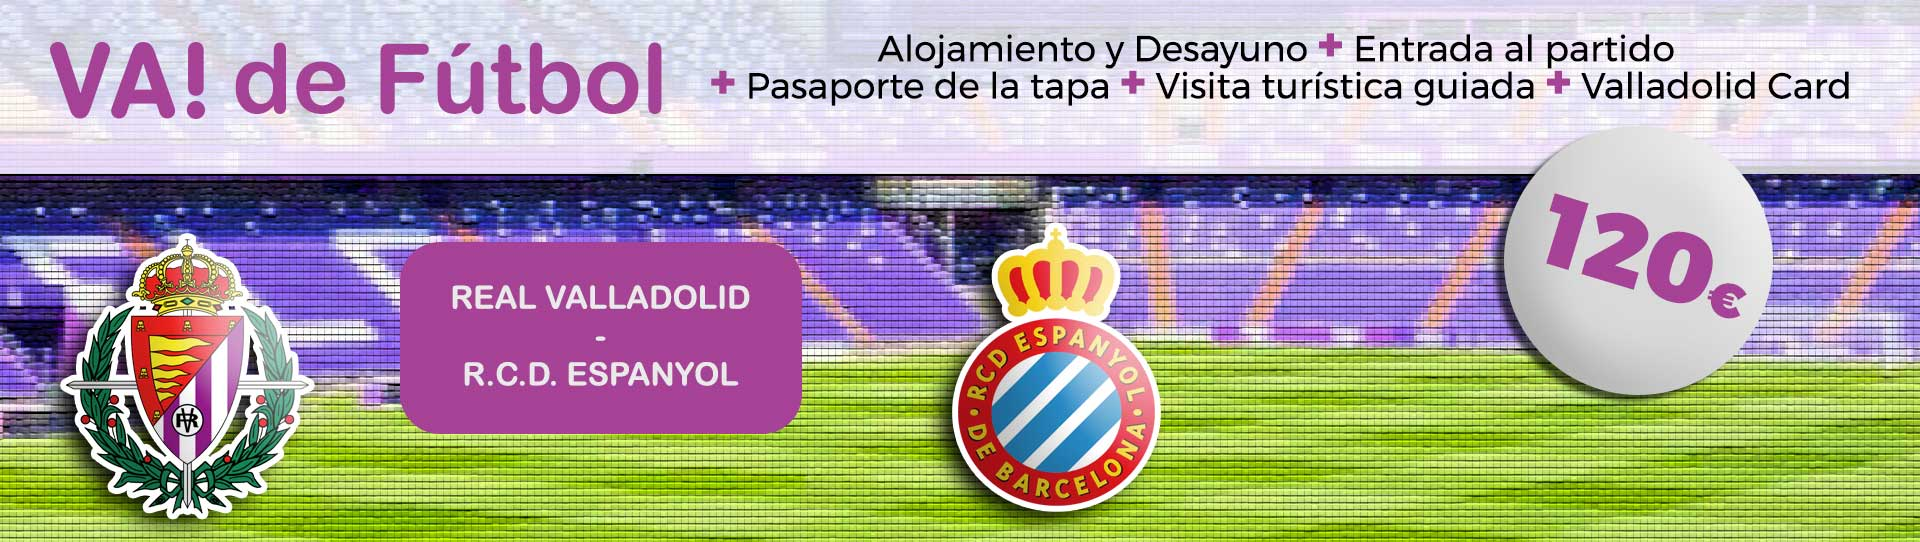 VA de Fúlbol (Real Valladolid – RCD Espanyol)